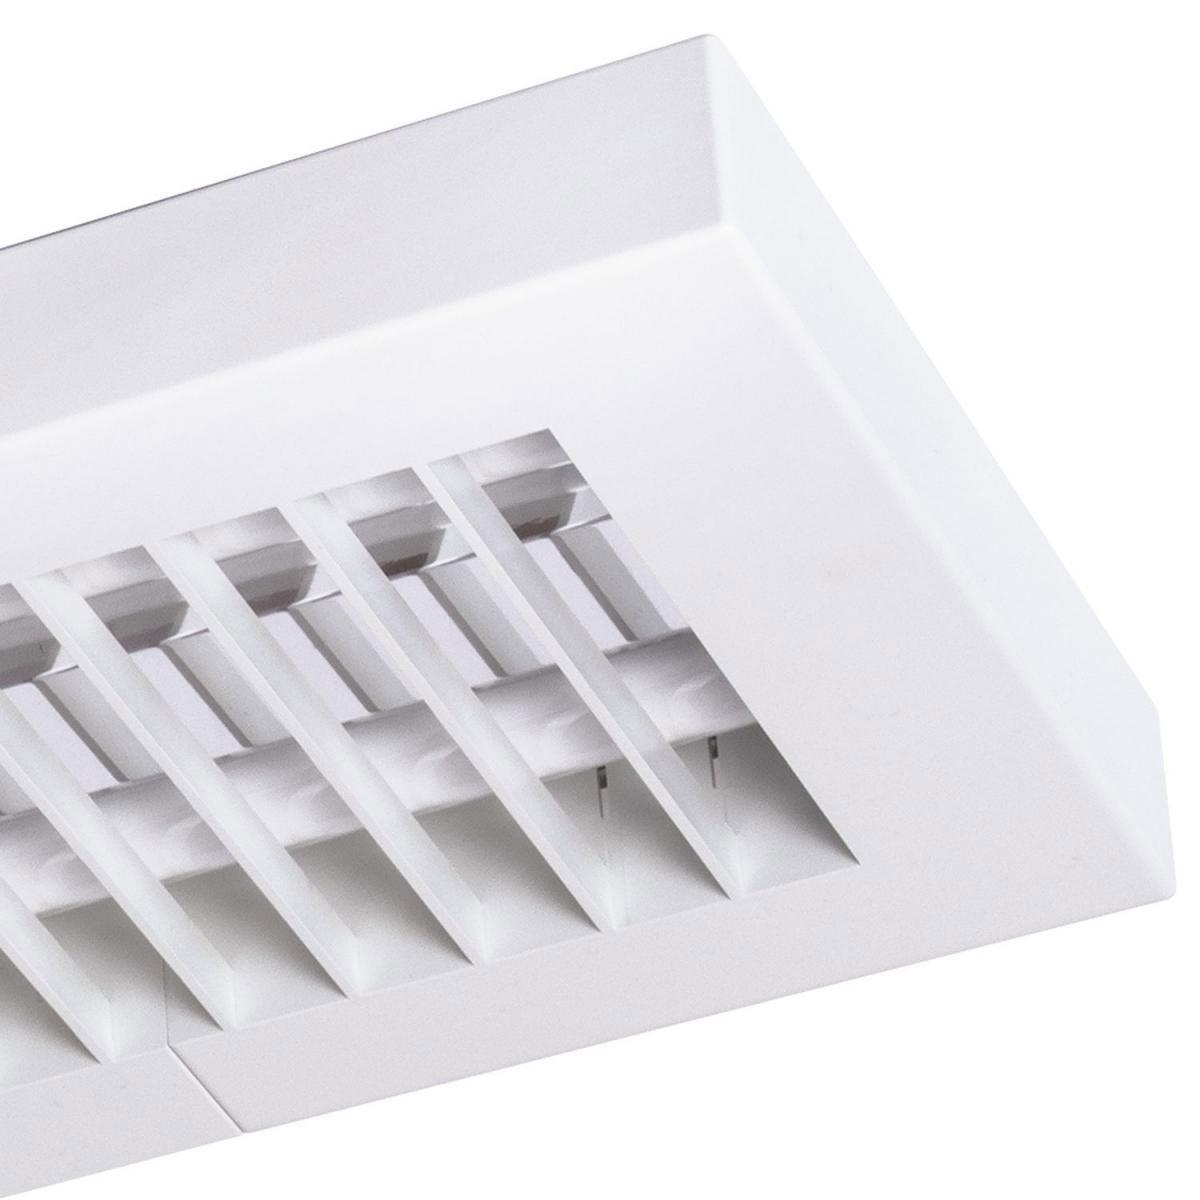 """Deckenleuchten - LED Wand Deckenleuchten """"Memo DIM 120"""", 119,3x18,5x5 cm neutralweiß  - Onlineshop Hellweg"""